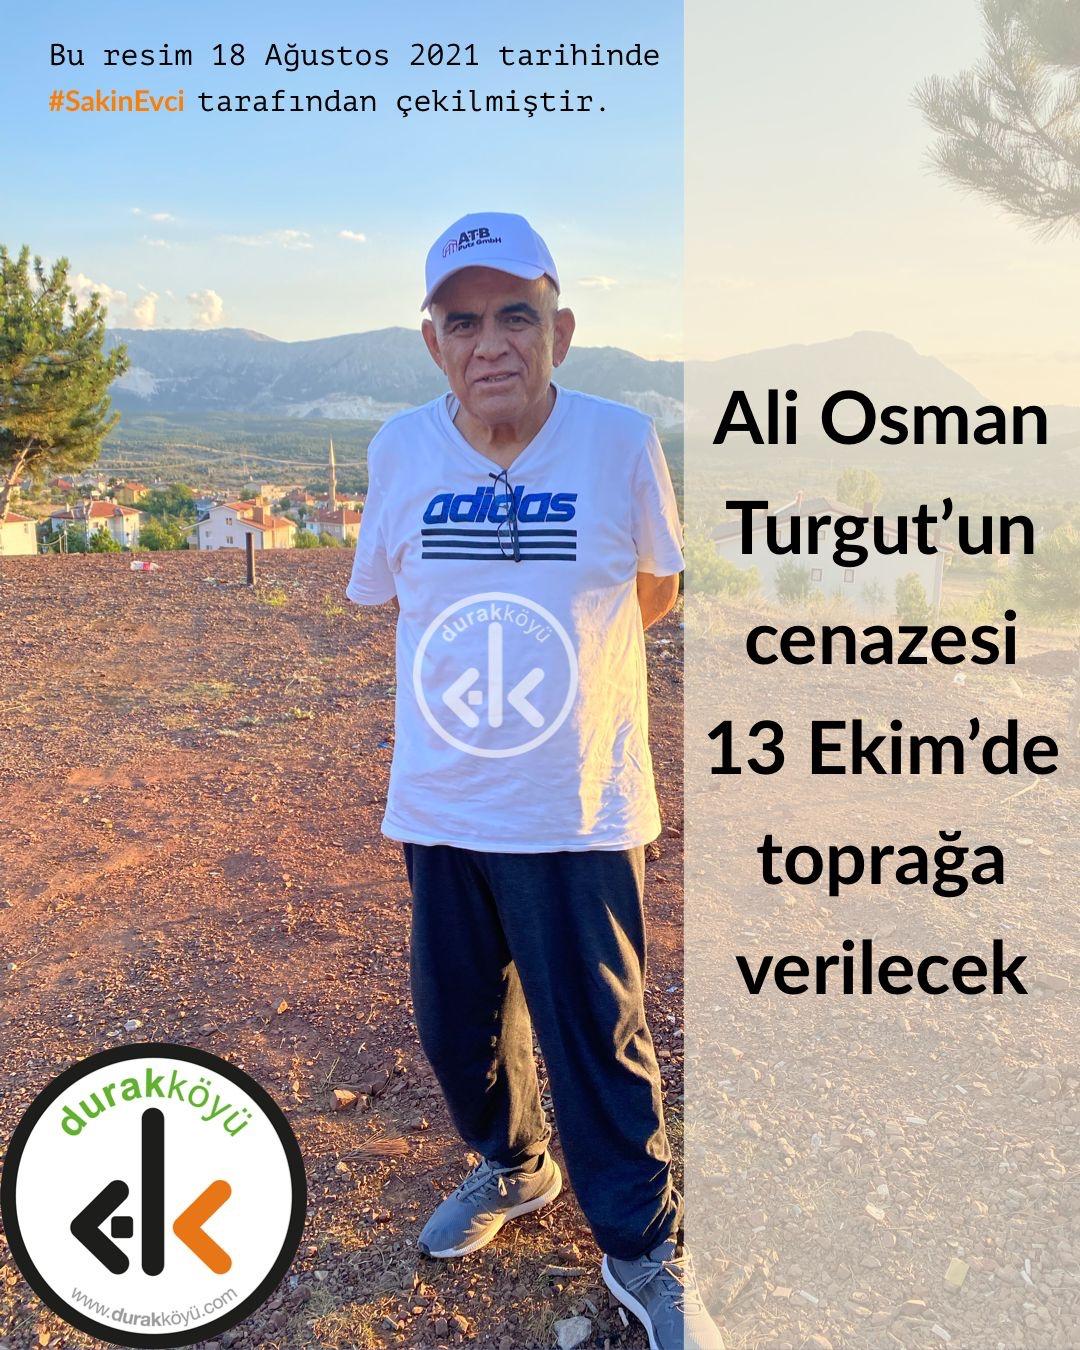 Ali Osman Turgut'un cenazesi Çarşamba günü toprağa verilecek